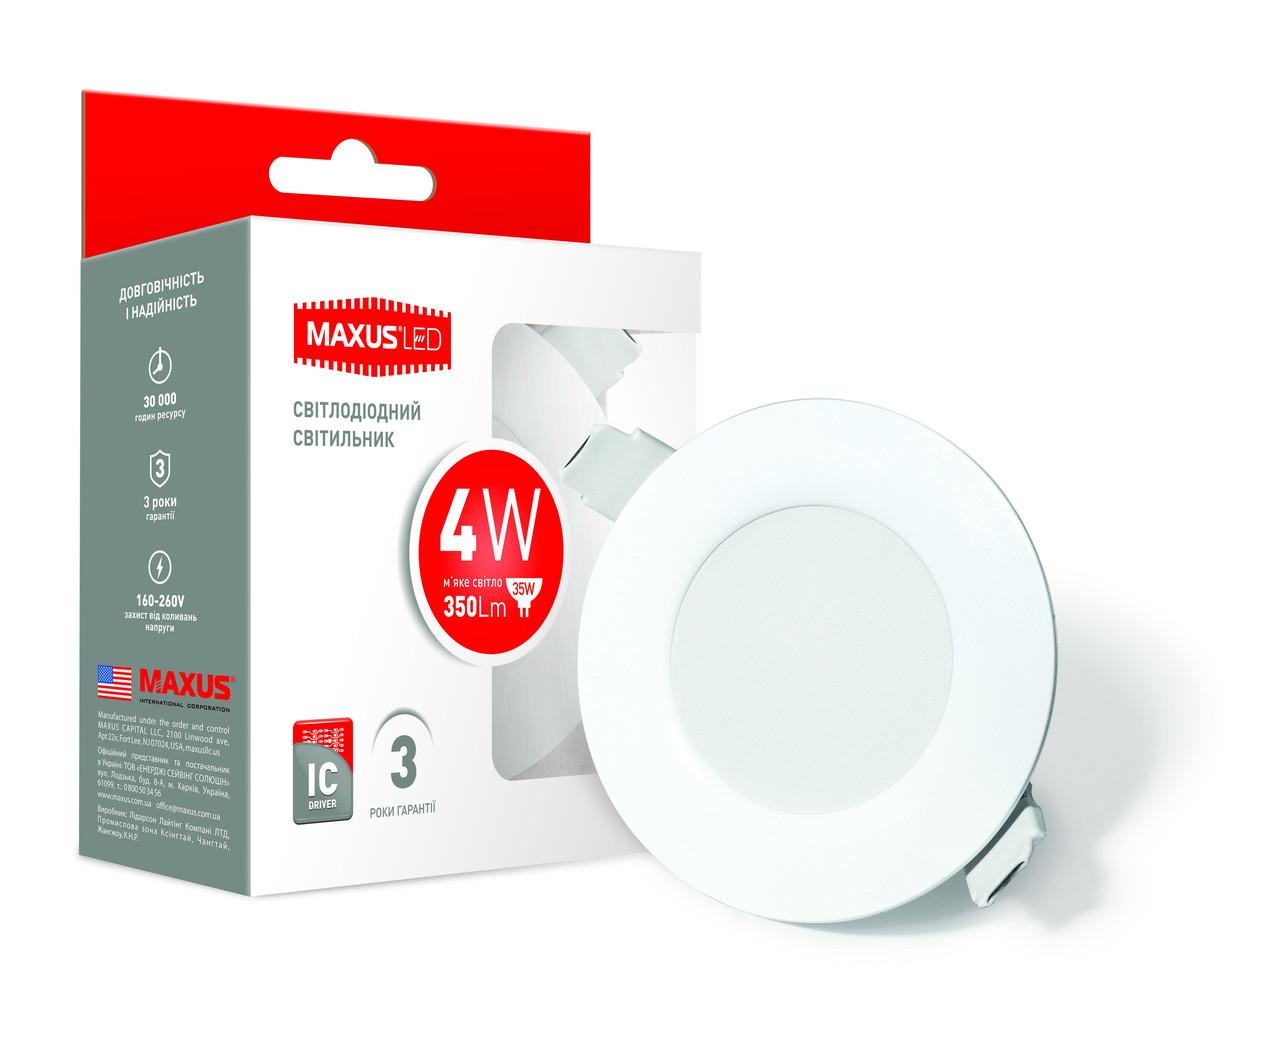 Светодиодный точечный светильник MAXUS LED SDL mini 4W 4100K (1-SDL-002-01)